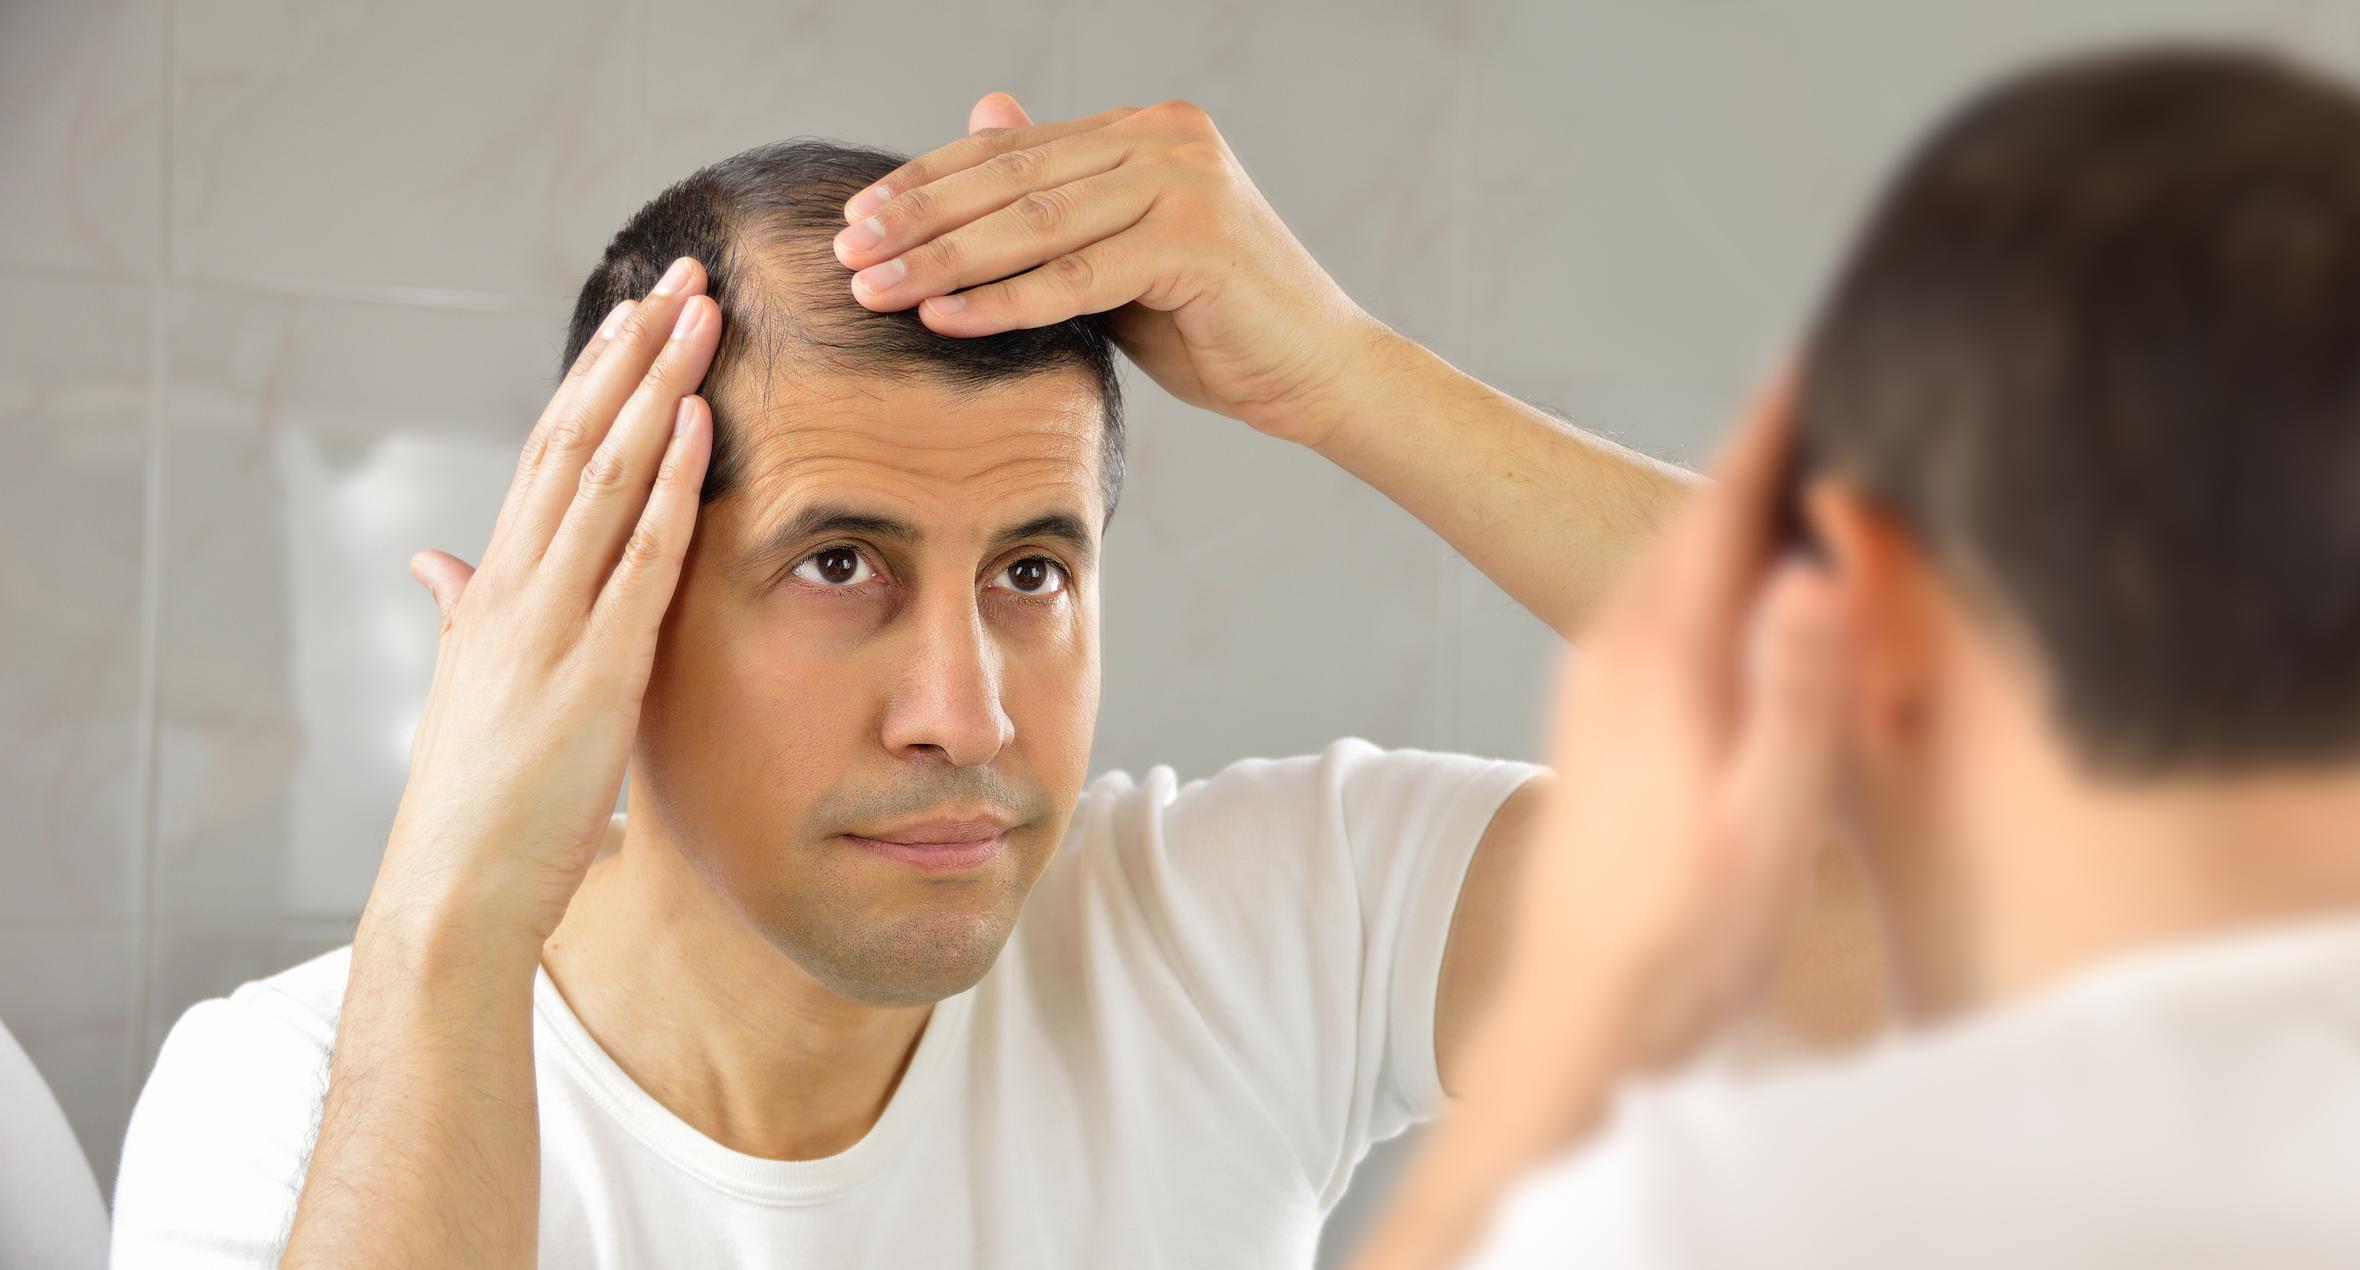 Muitas pessoas sofrem com a queda dos cabelos e isso pode estar ligado ao estresse, segundo o especialista em transplante capilar, Alan Wells.